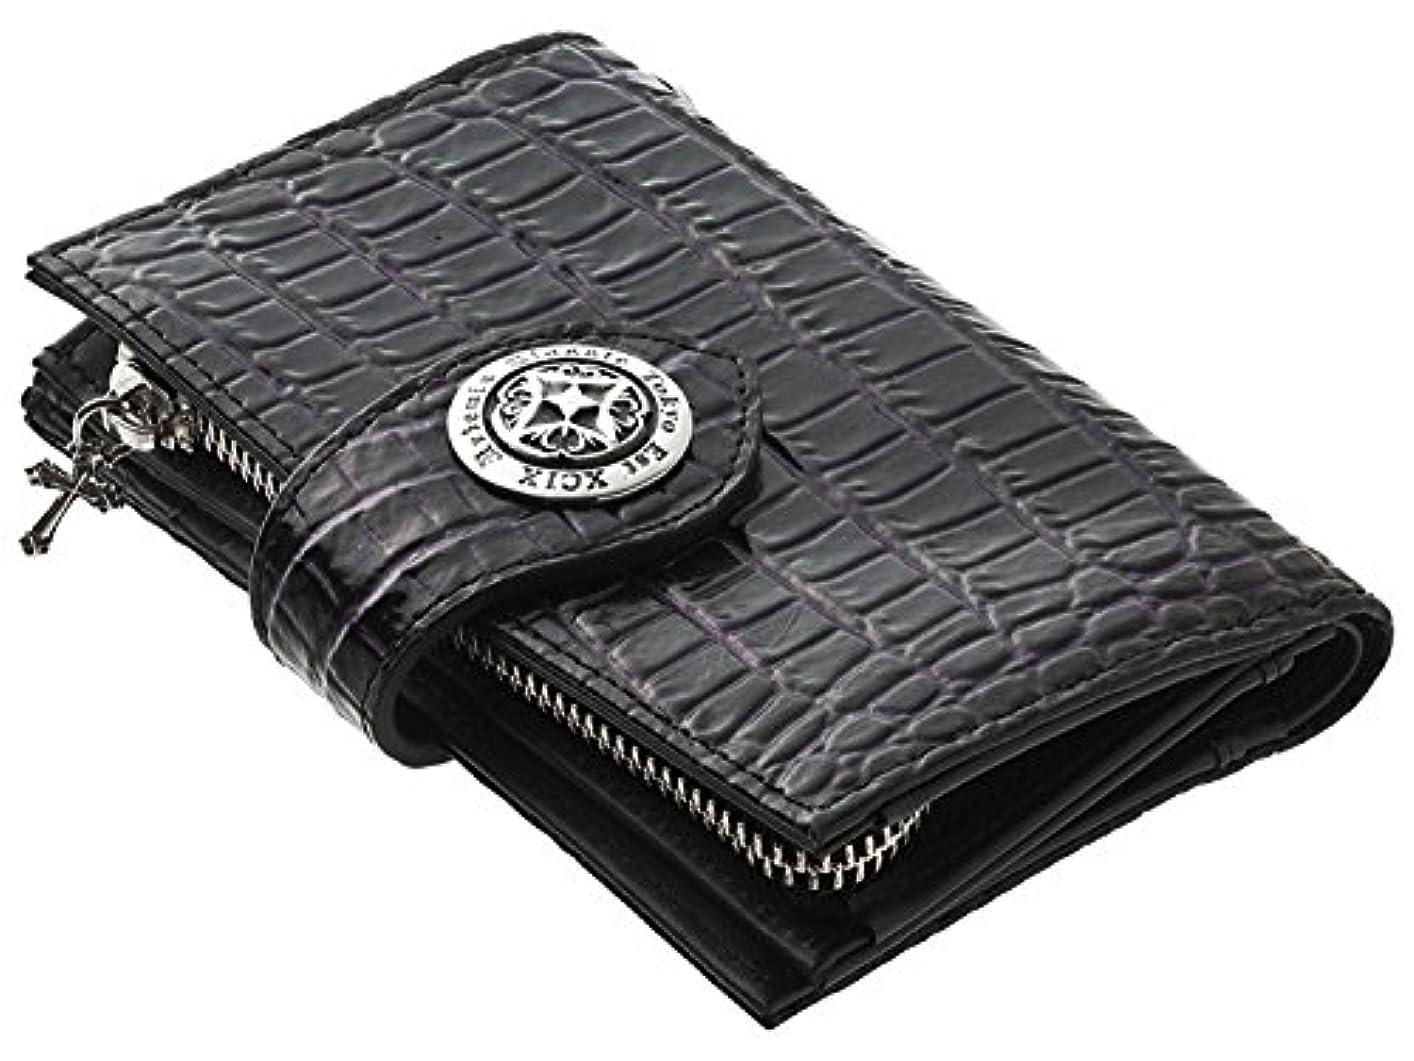 決定的流マーカー[アルテミスクラシック]Artemis Classic ウォレット 財布 アンティークミディアムウォレット